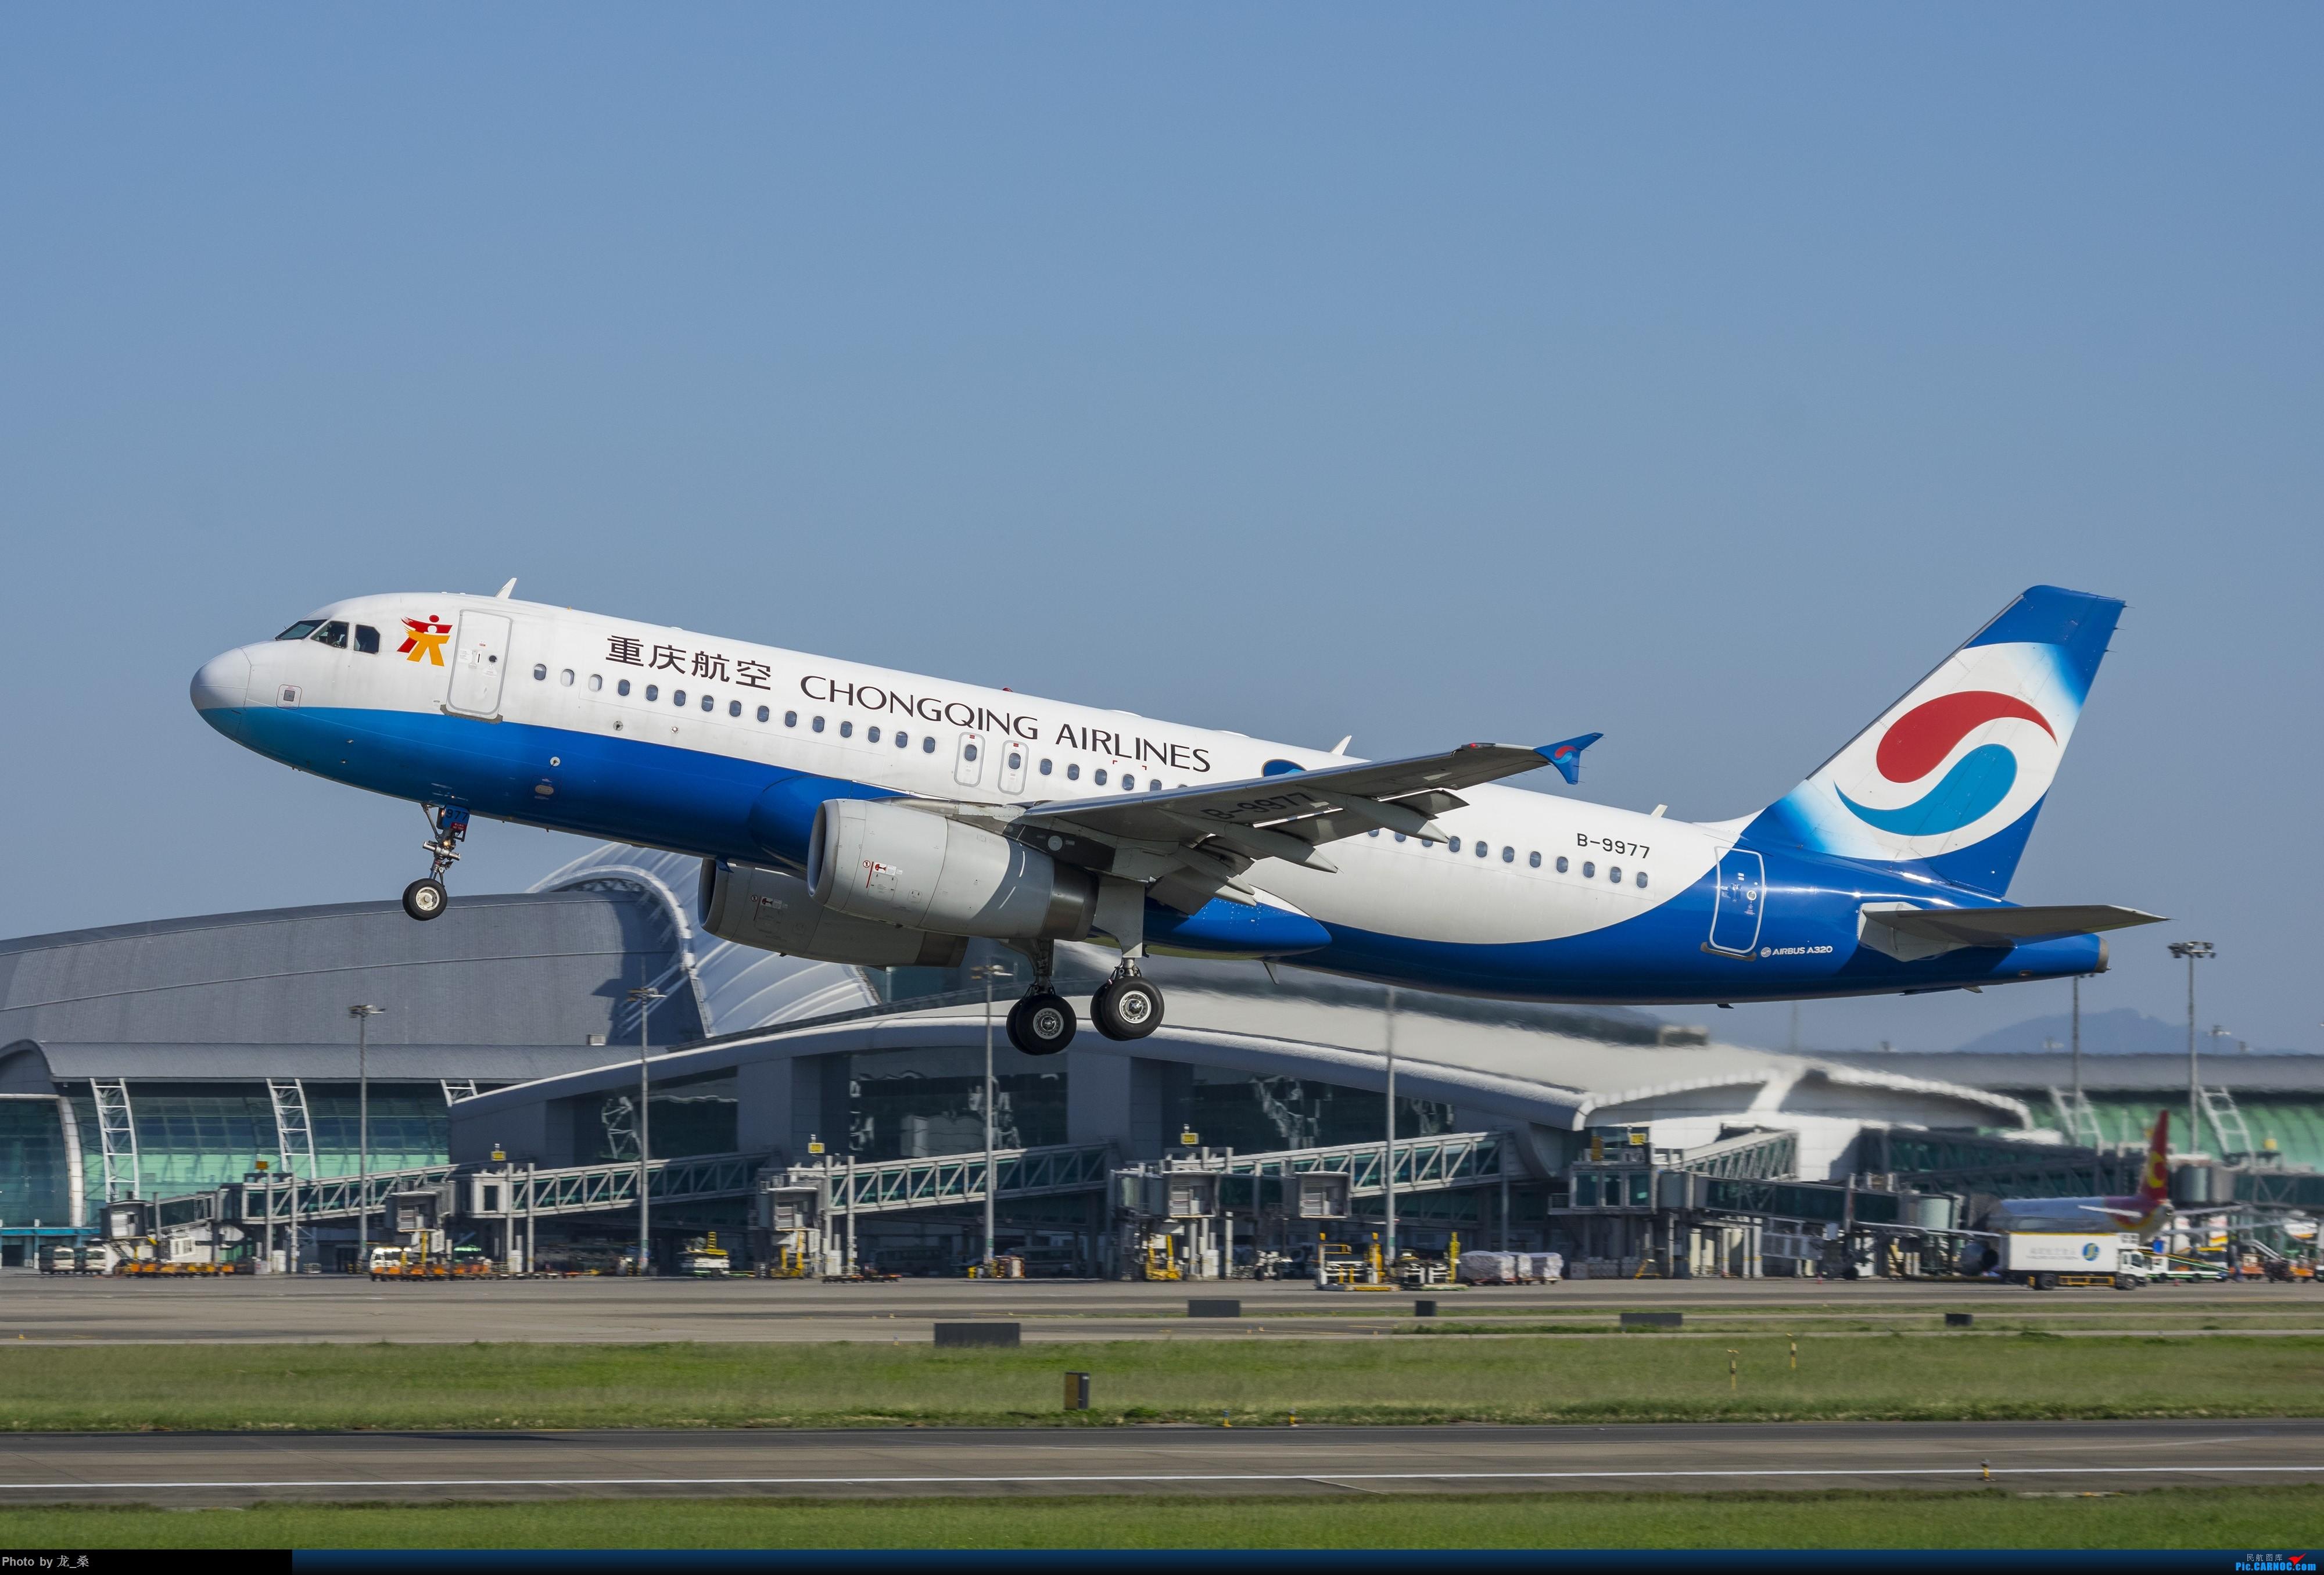 Re:[原创]发一组CAN的旧图,我可能是论坛唯一宾得党了吧 AIRBUS A320-200 B-9977 中国广州白云国际机场